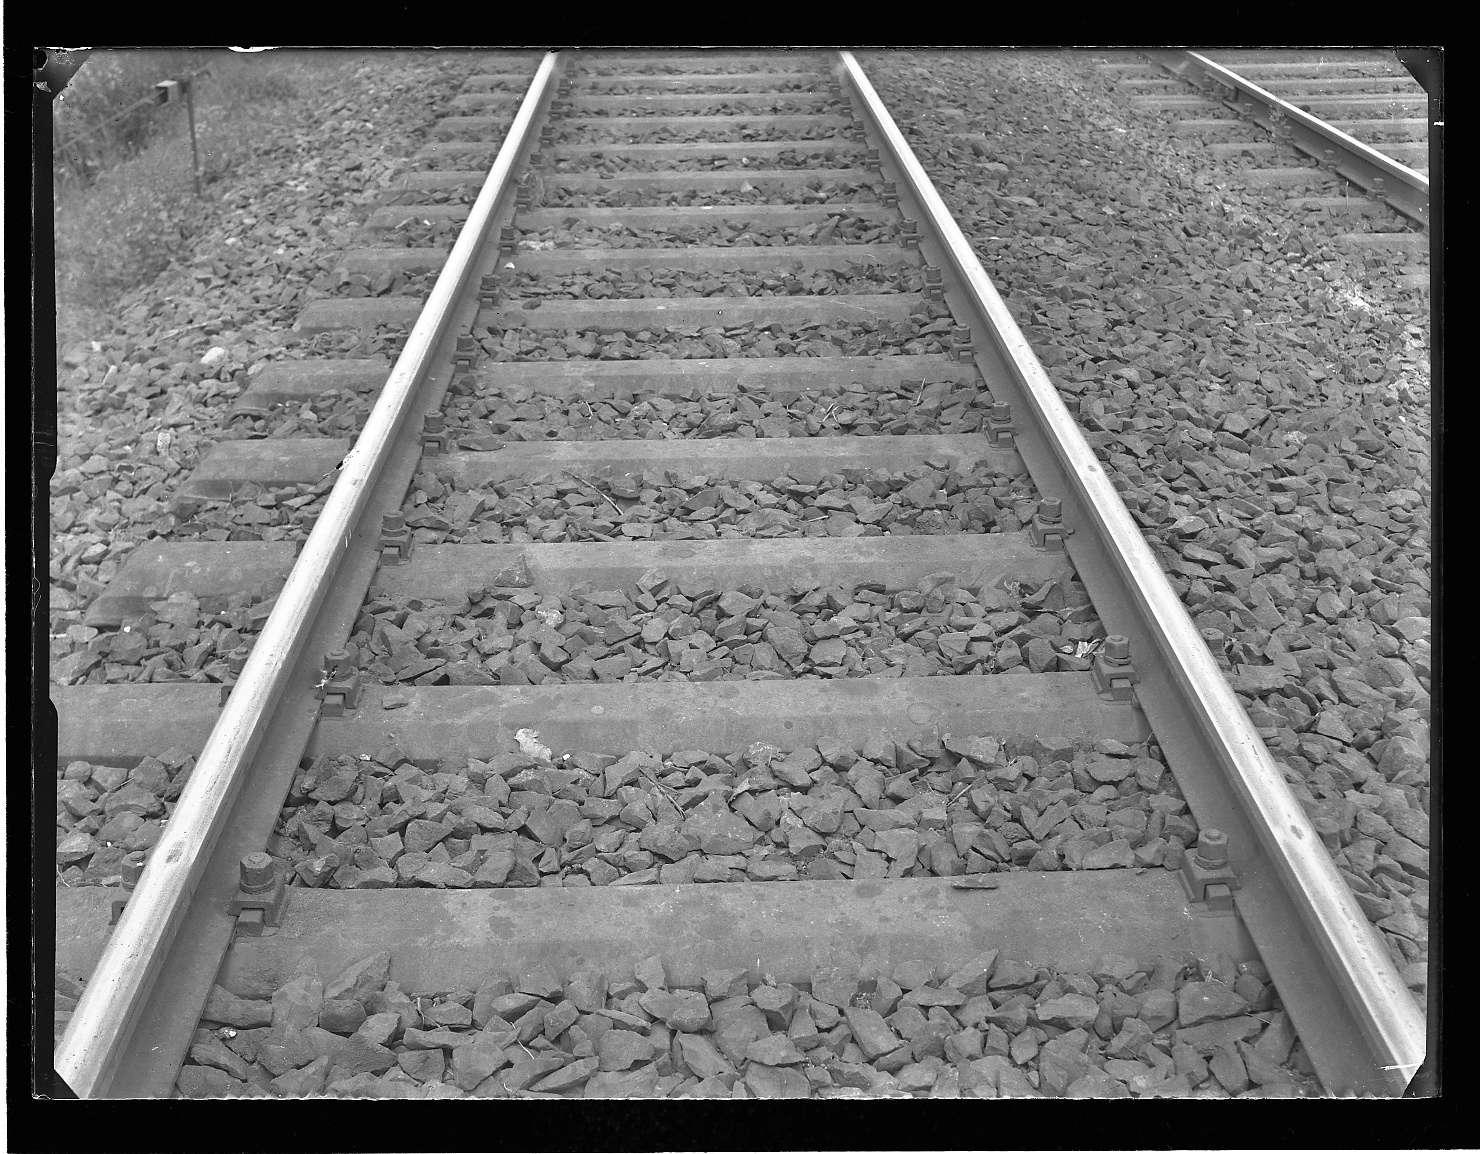 Bietigheim (Württ.), Schleifstellen am Einfahrtsgleis von Heilbronn, Bild 1